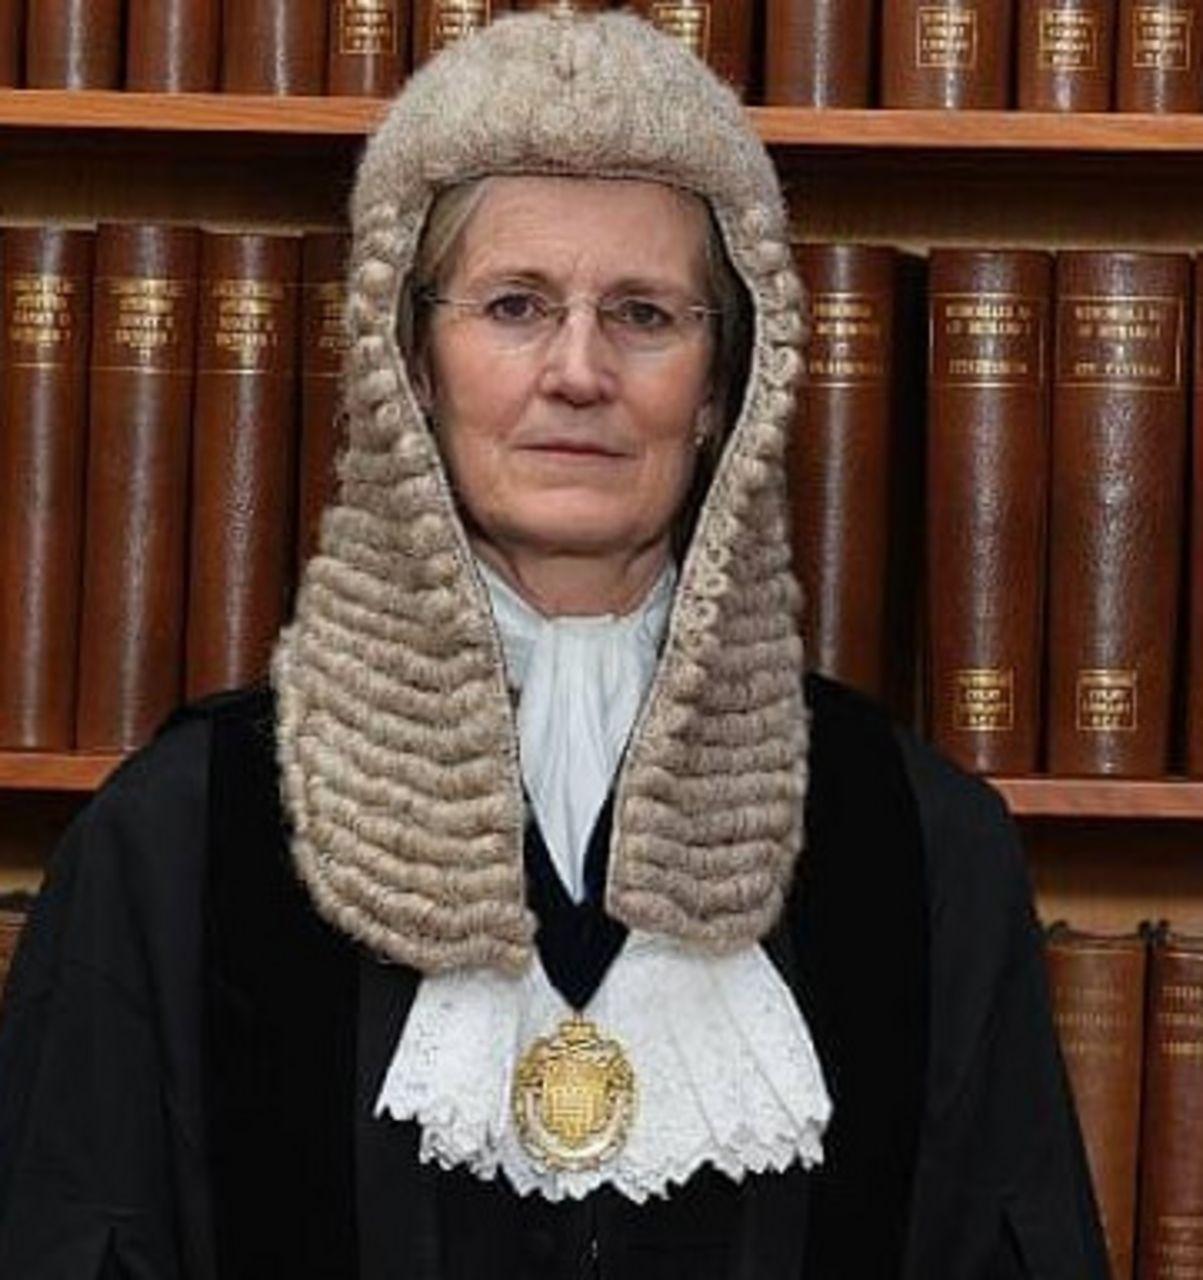 La juge Emma Arbuthnot, magistrat en chef et juge de district supérieur pour l'Angleterre et le Pays de Galles.